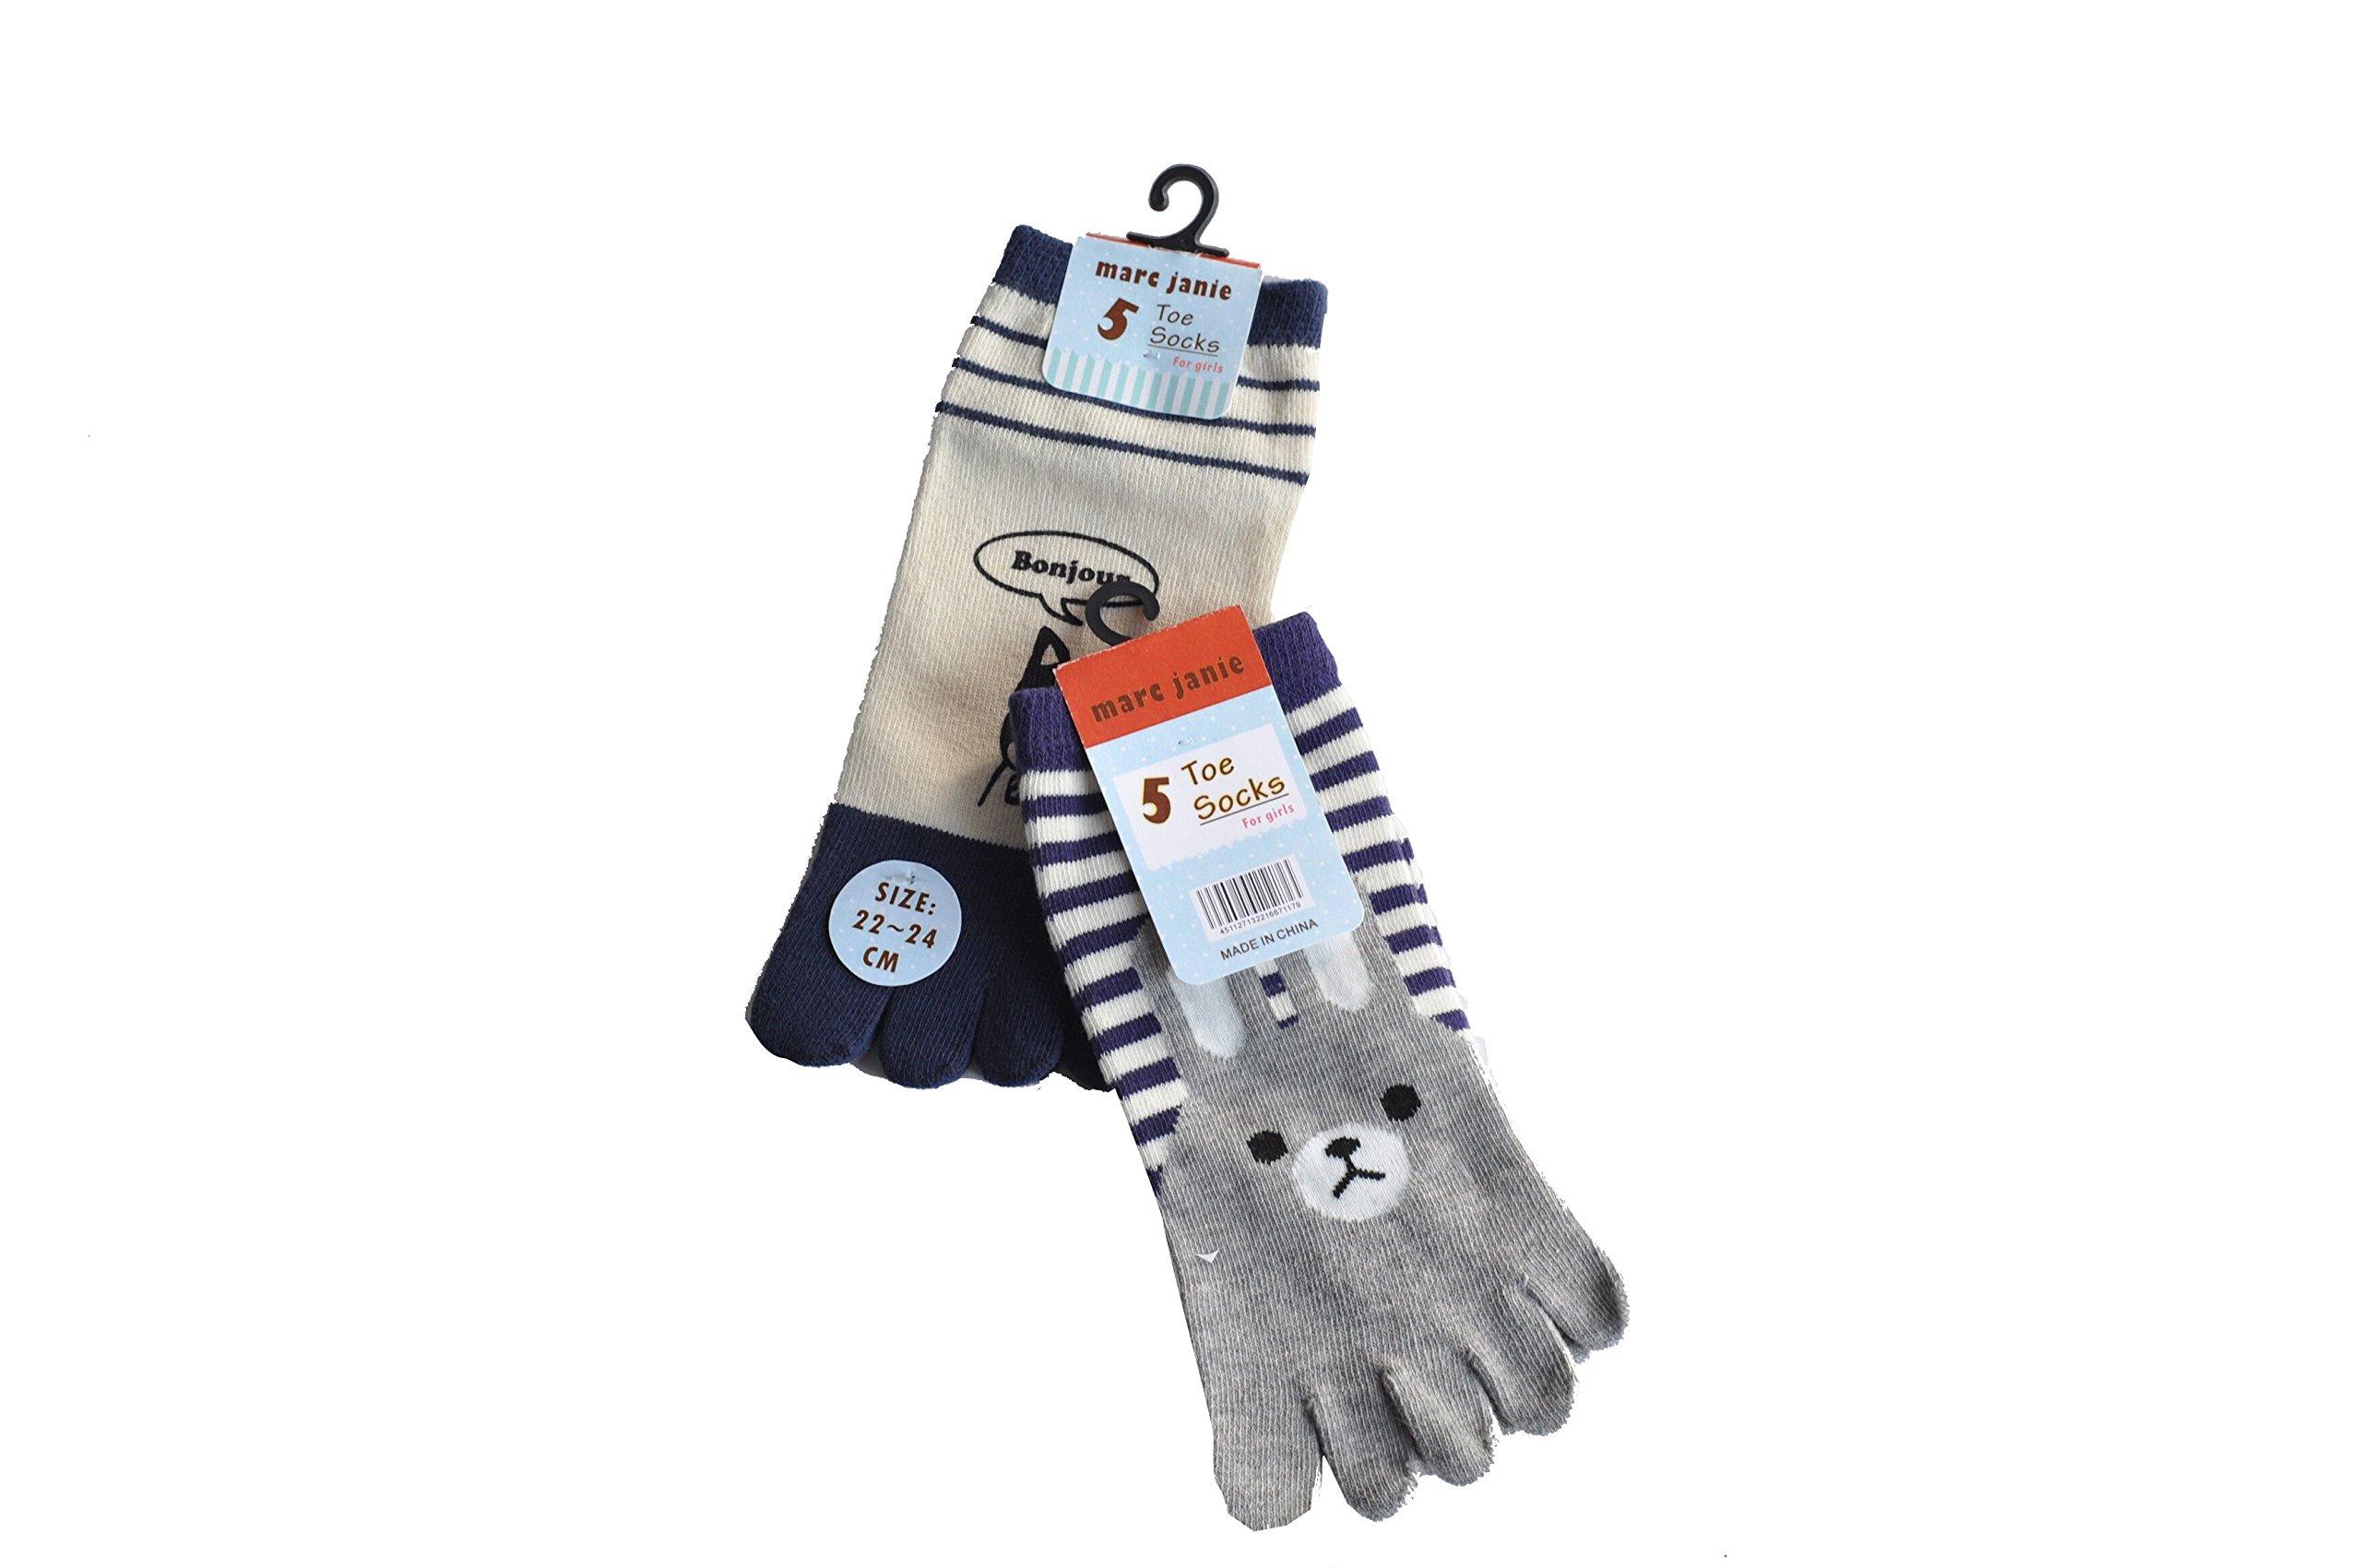 marc janie Baby Stretch Socks One Size 12-24 Months by marc janie